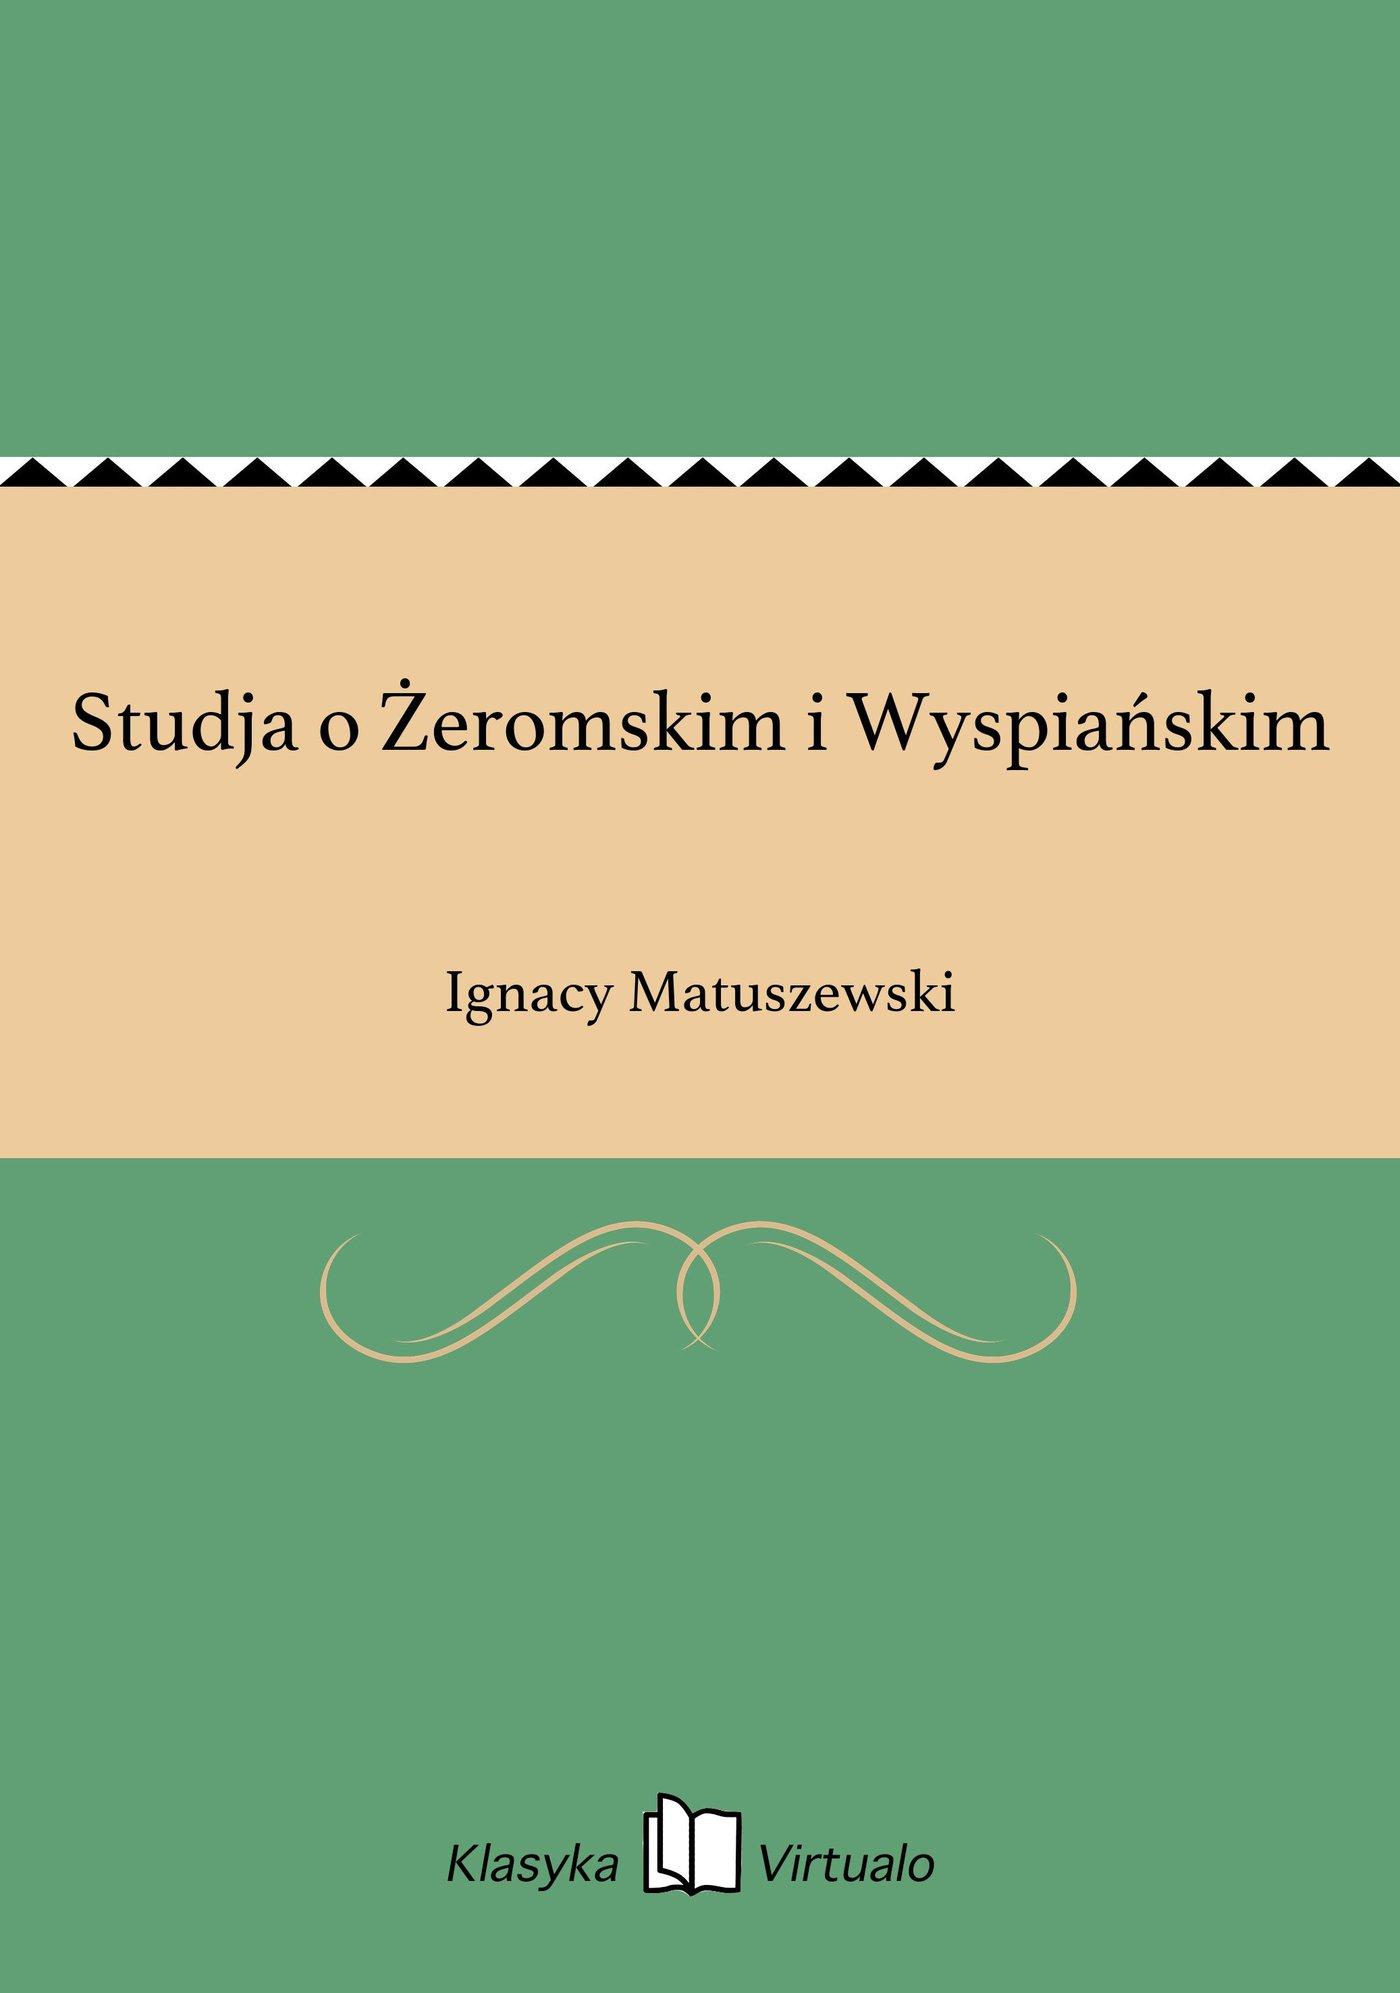 Studja o Żeromskim i Wyspiańskim - Ebook (Książka EPUB) do pobrania w formacie EPUB